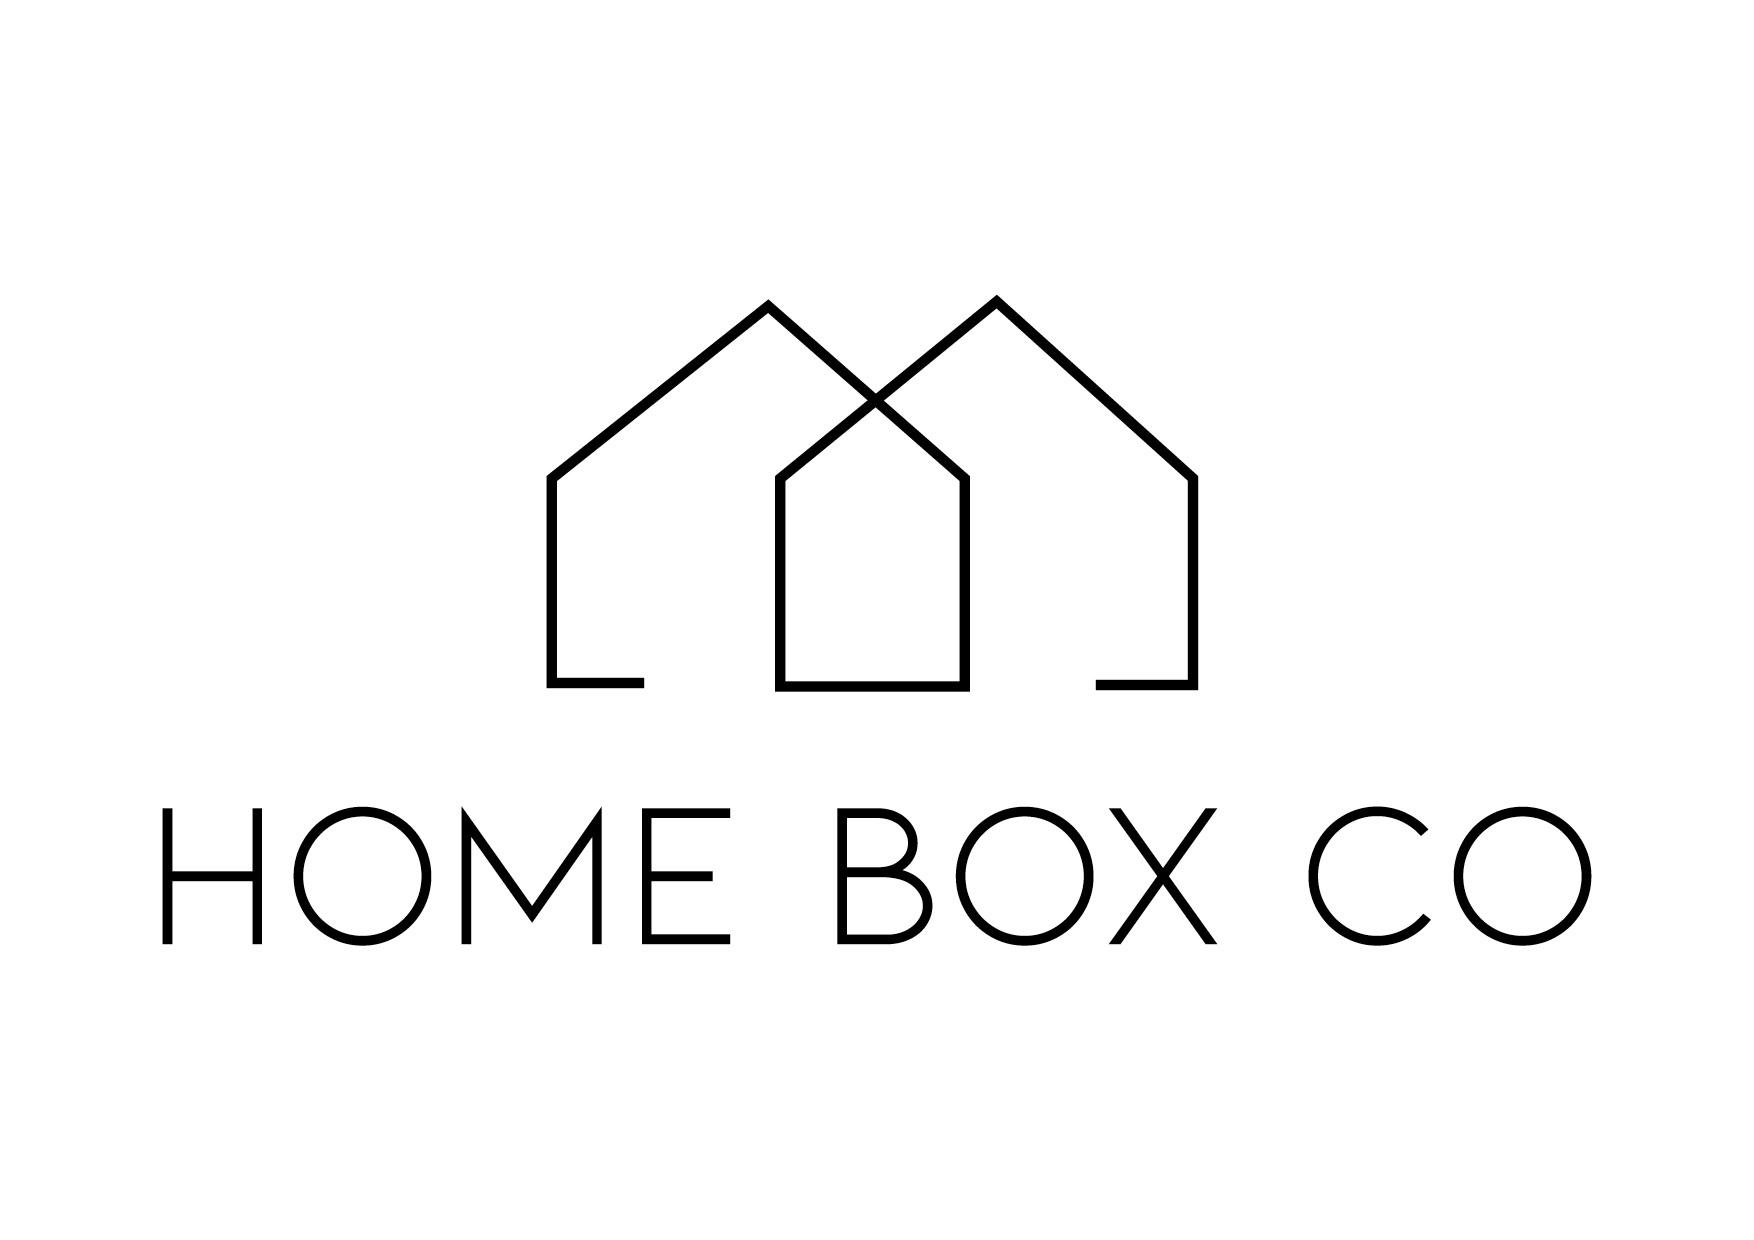 Hom-Box-Co-logo